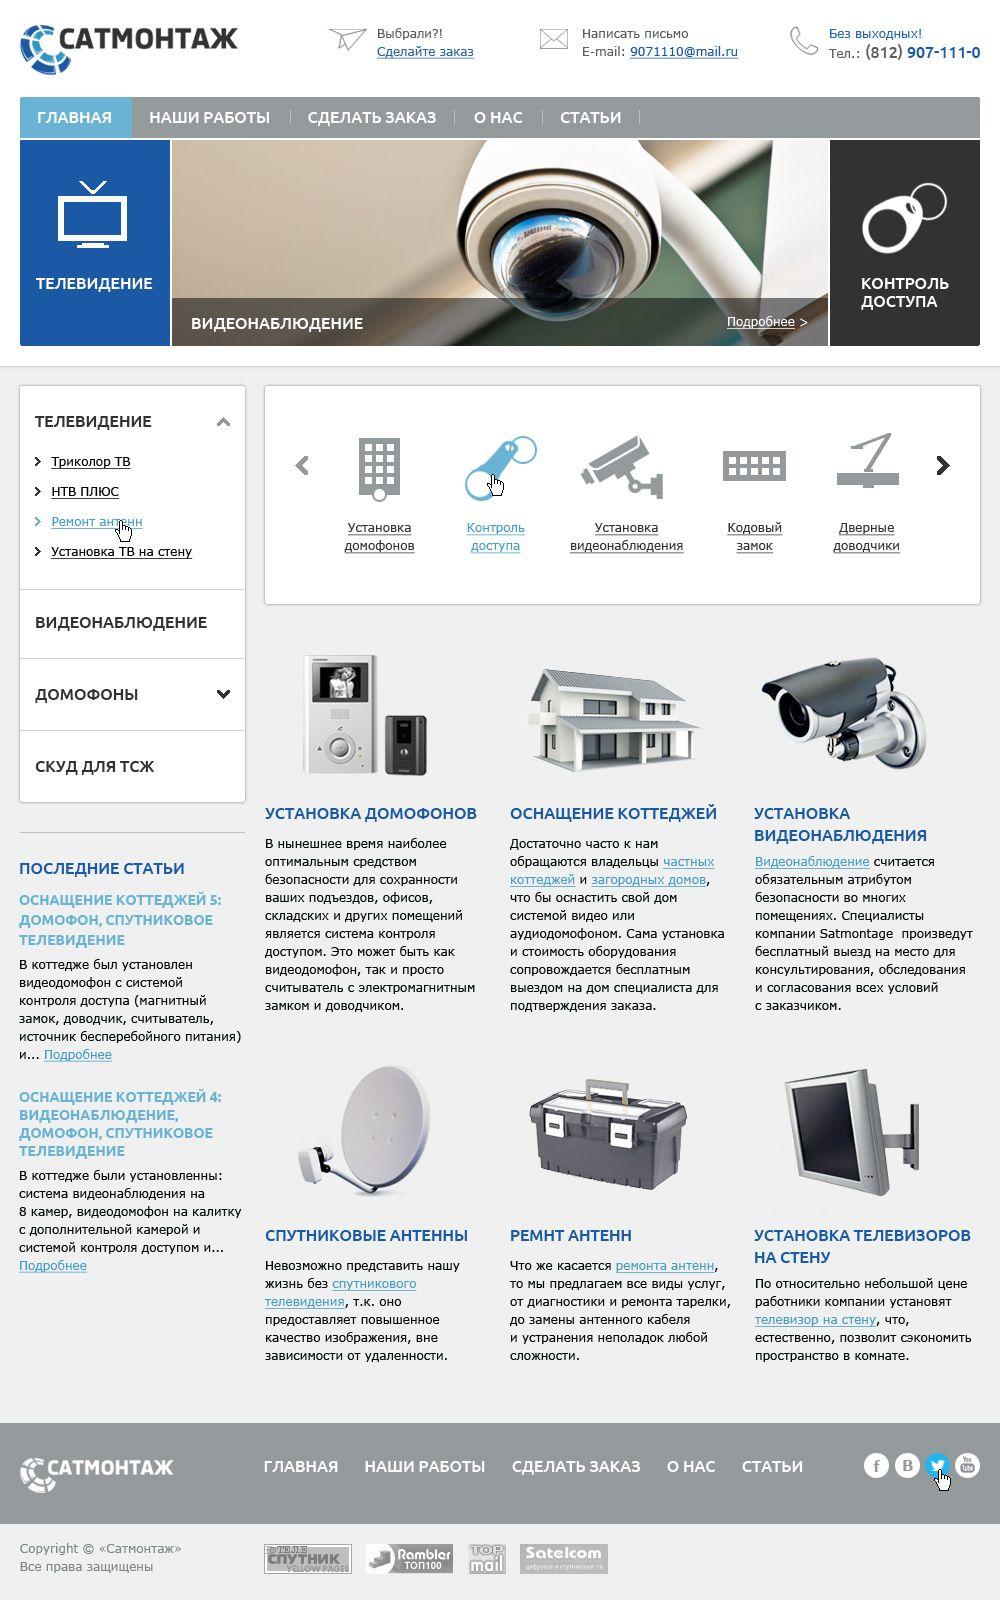 Дизайн (редизайн) существующего сайта - дизайнер OlgaCerepanova